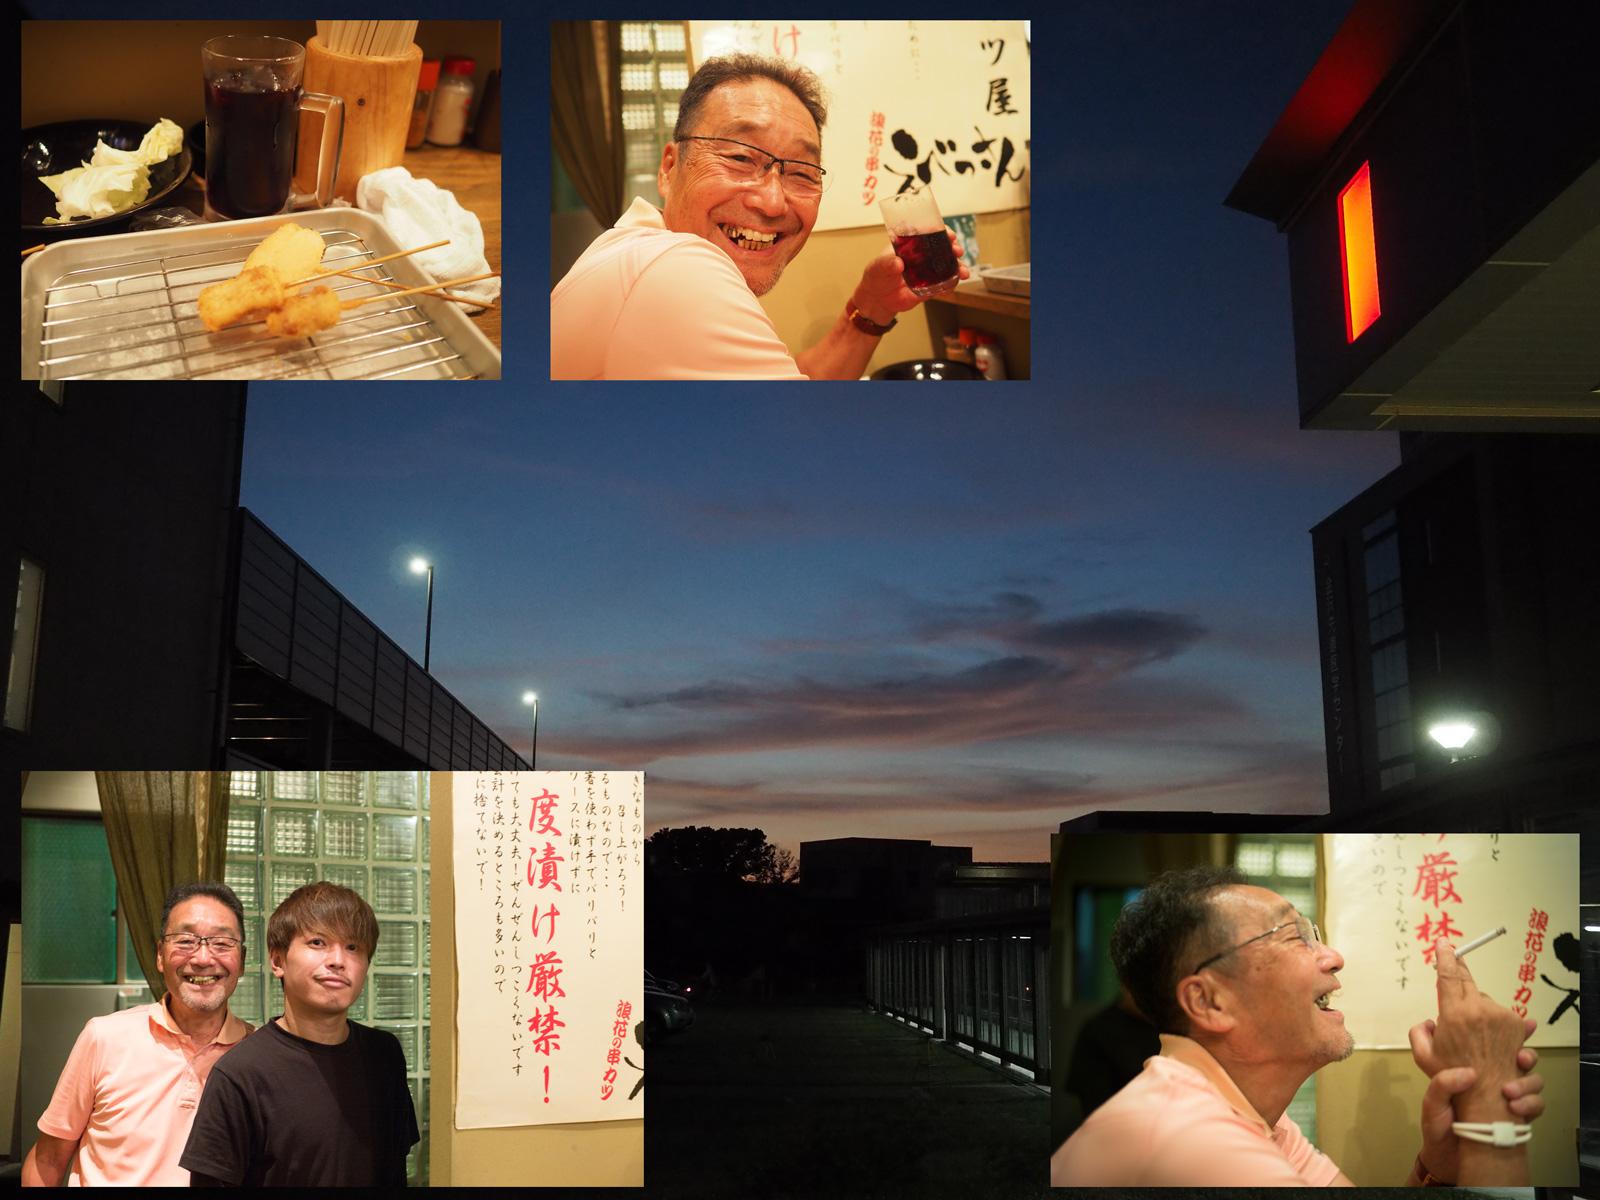 福井_a0271402_828734.jpg